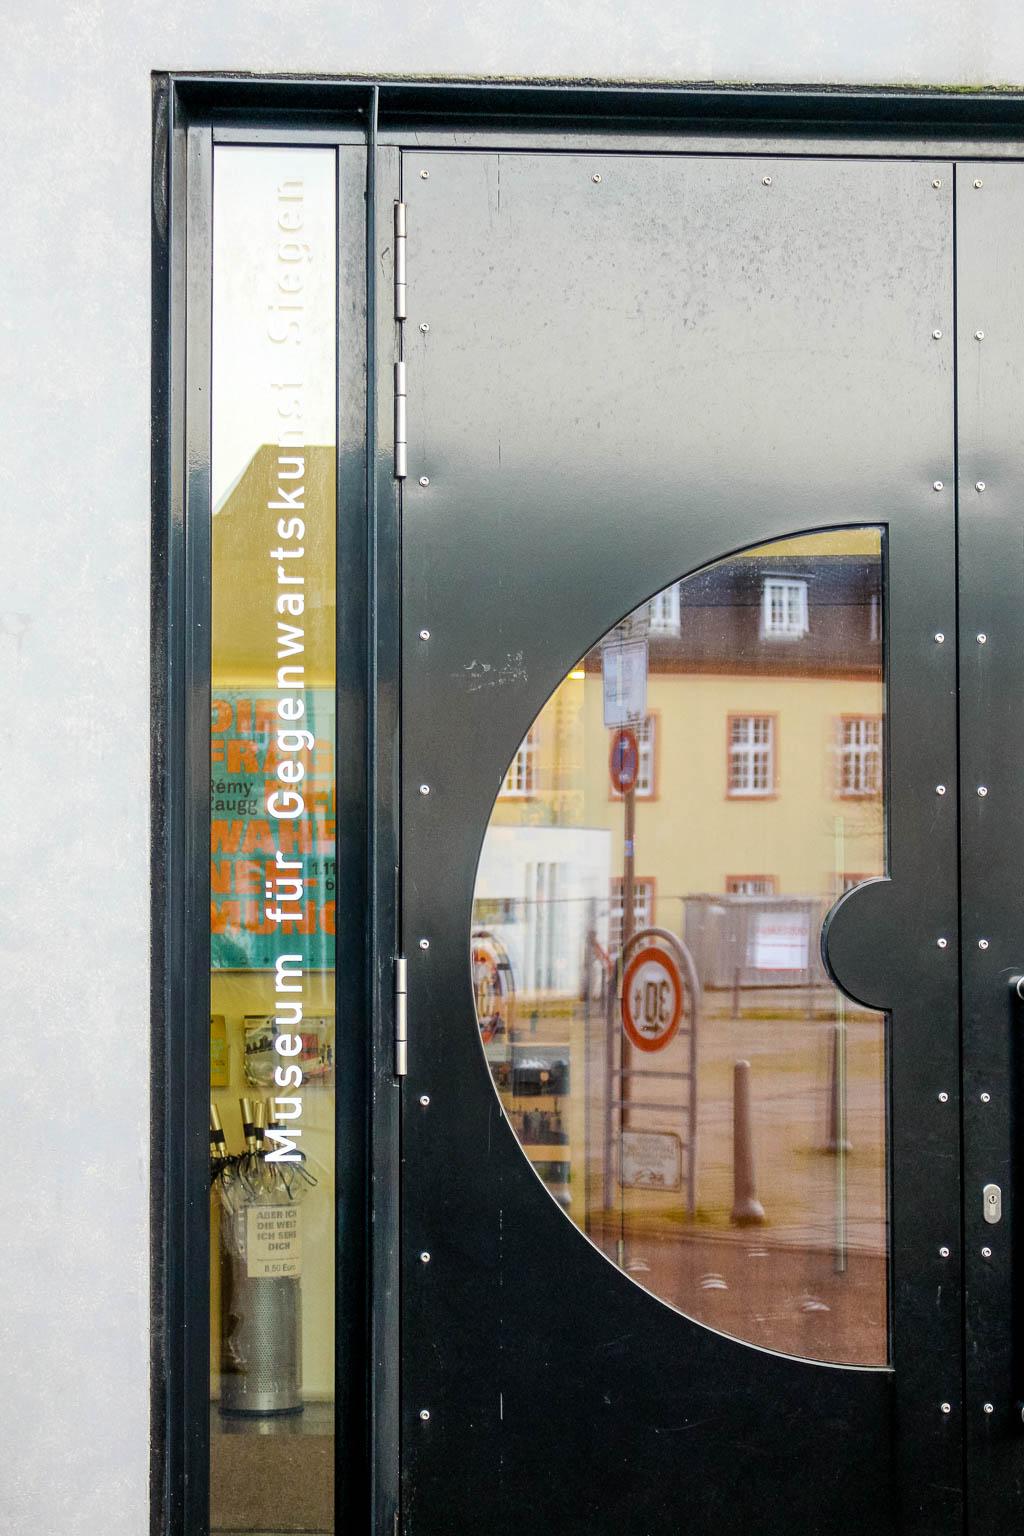 Das Museum für Gegenwartskunst: Warum sich ein Ausflug nach Siegen lohnt: Sehenswürdigkeiten und Tipps